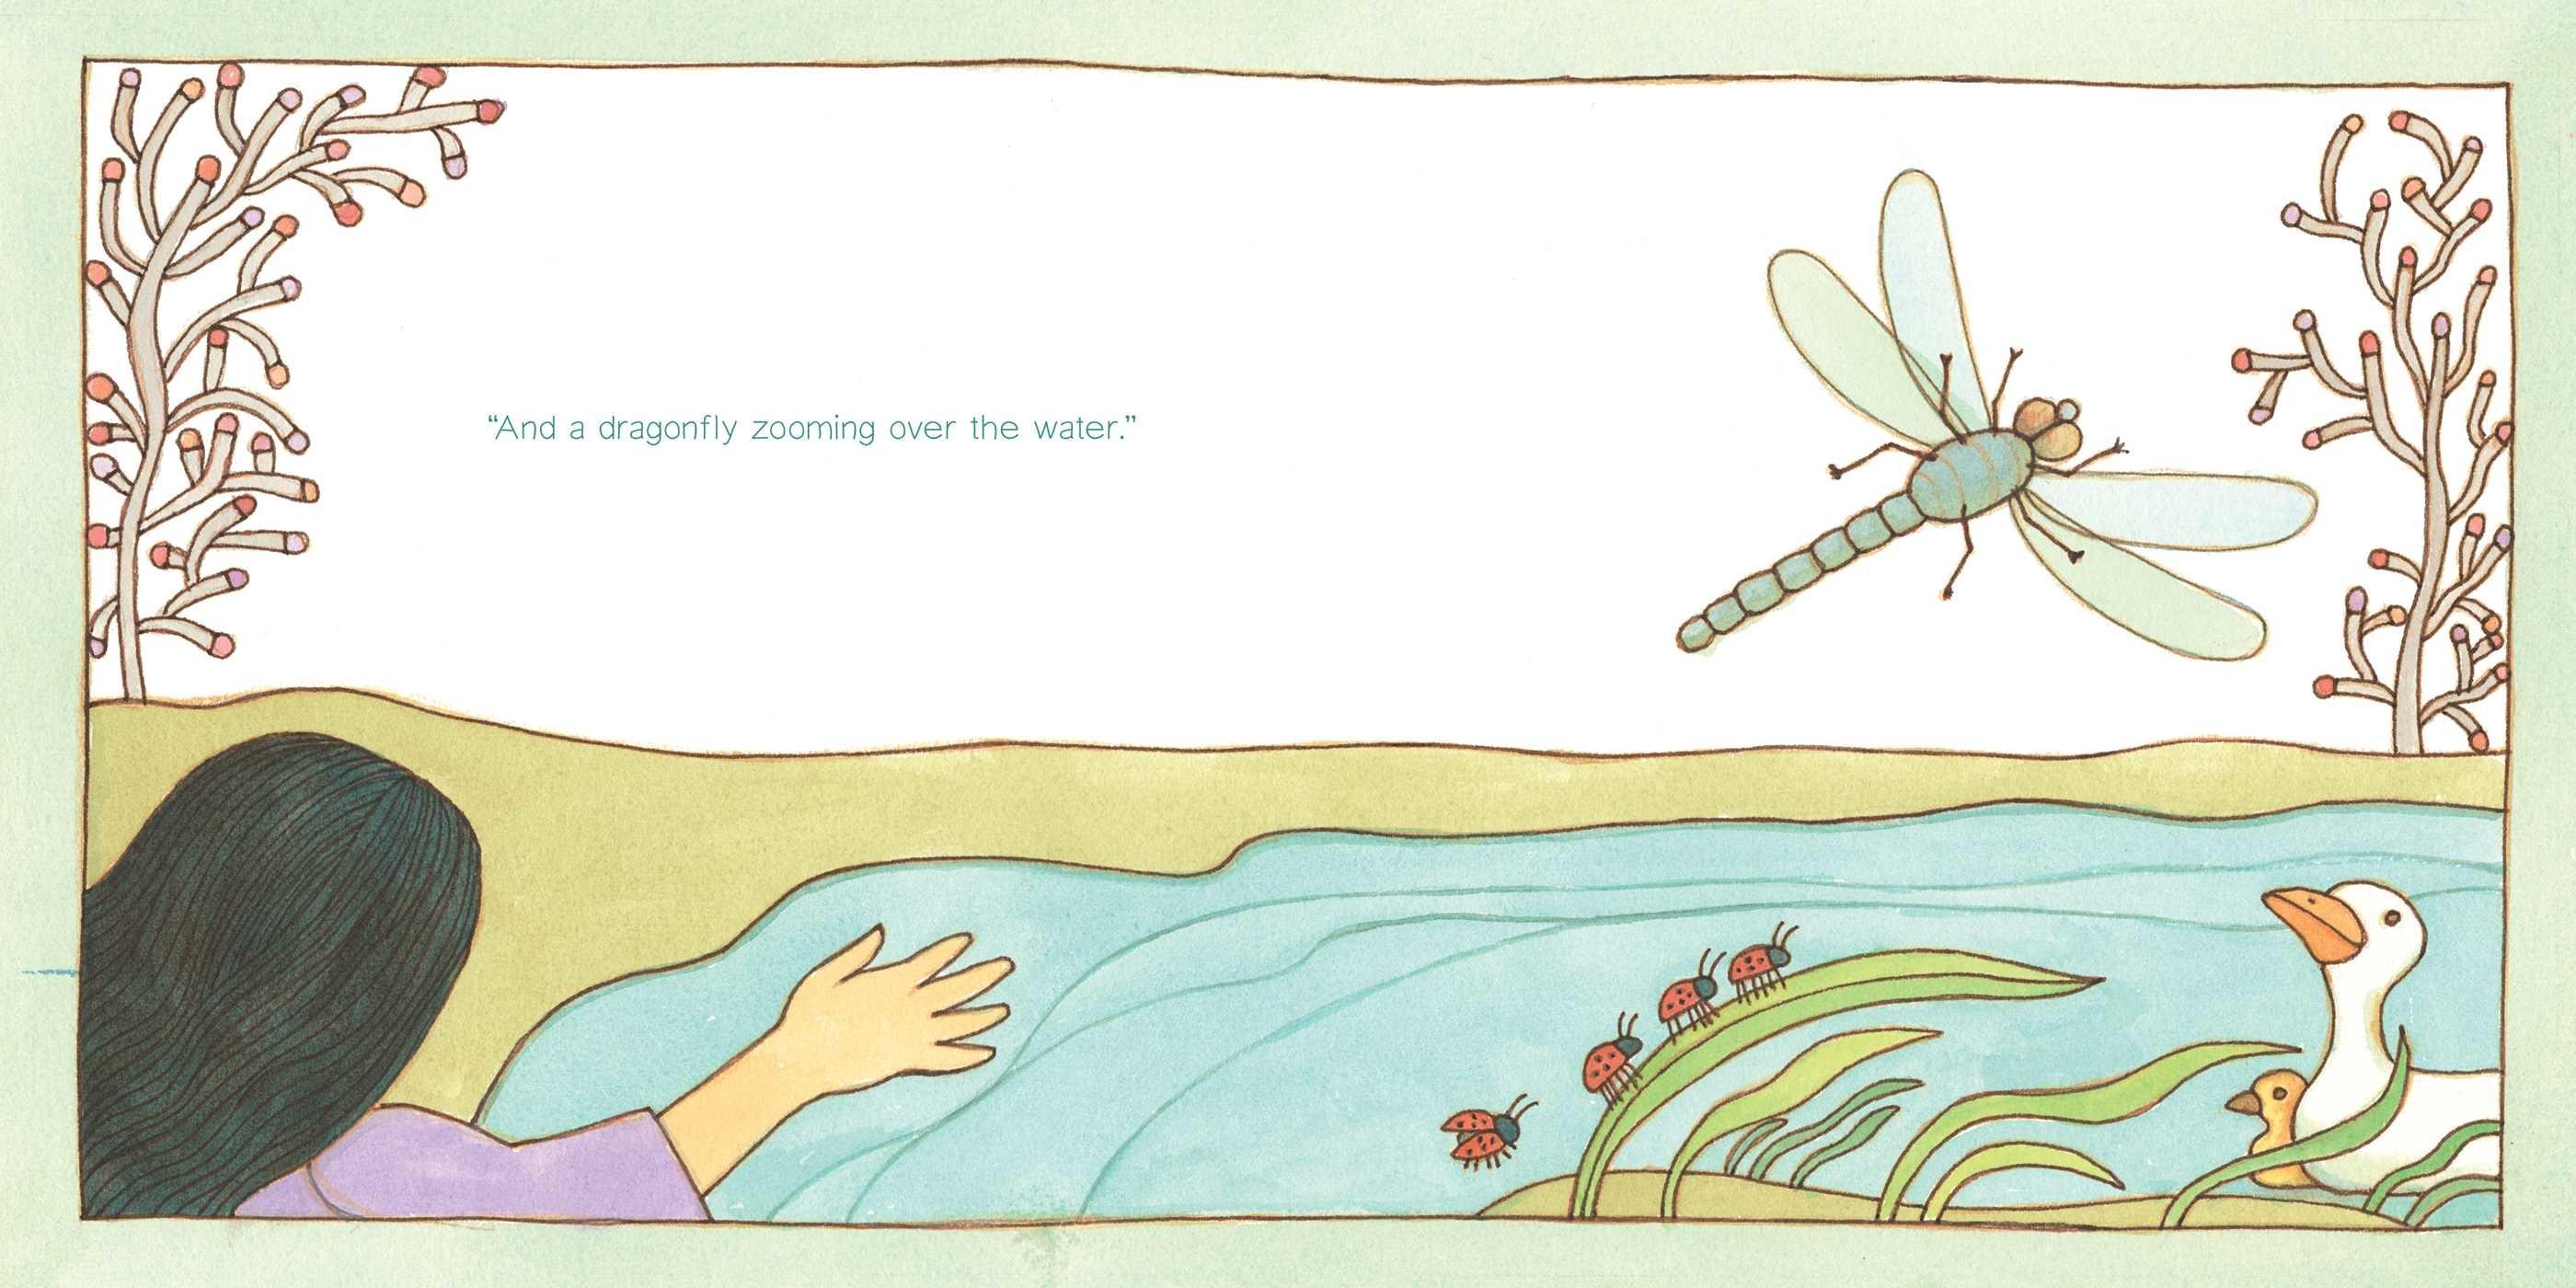 """""""ילדים יאבדו עניין אם הם לא משוקעים לחלוטין באמנות או בסיפור"""" - ראיון עם לורנט לין"""